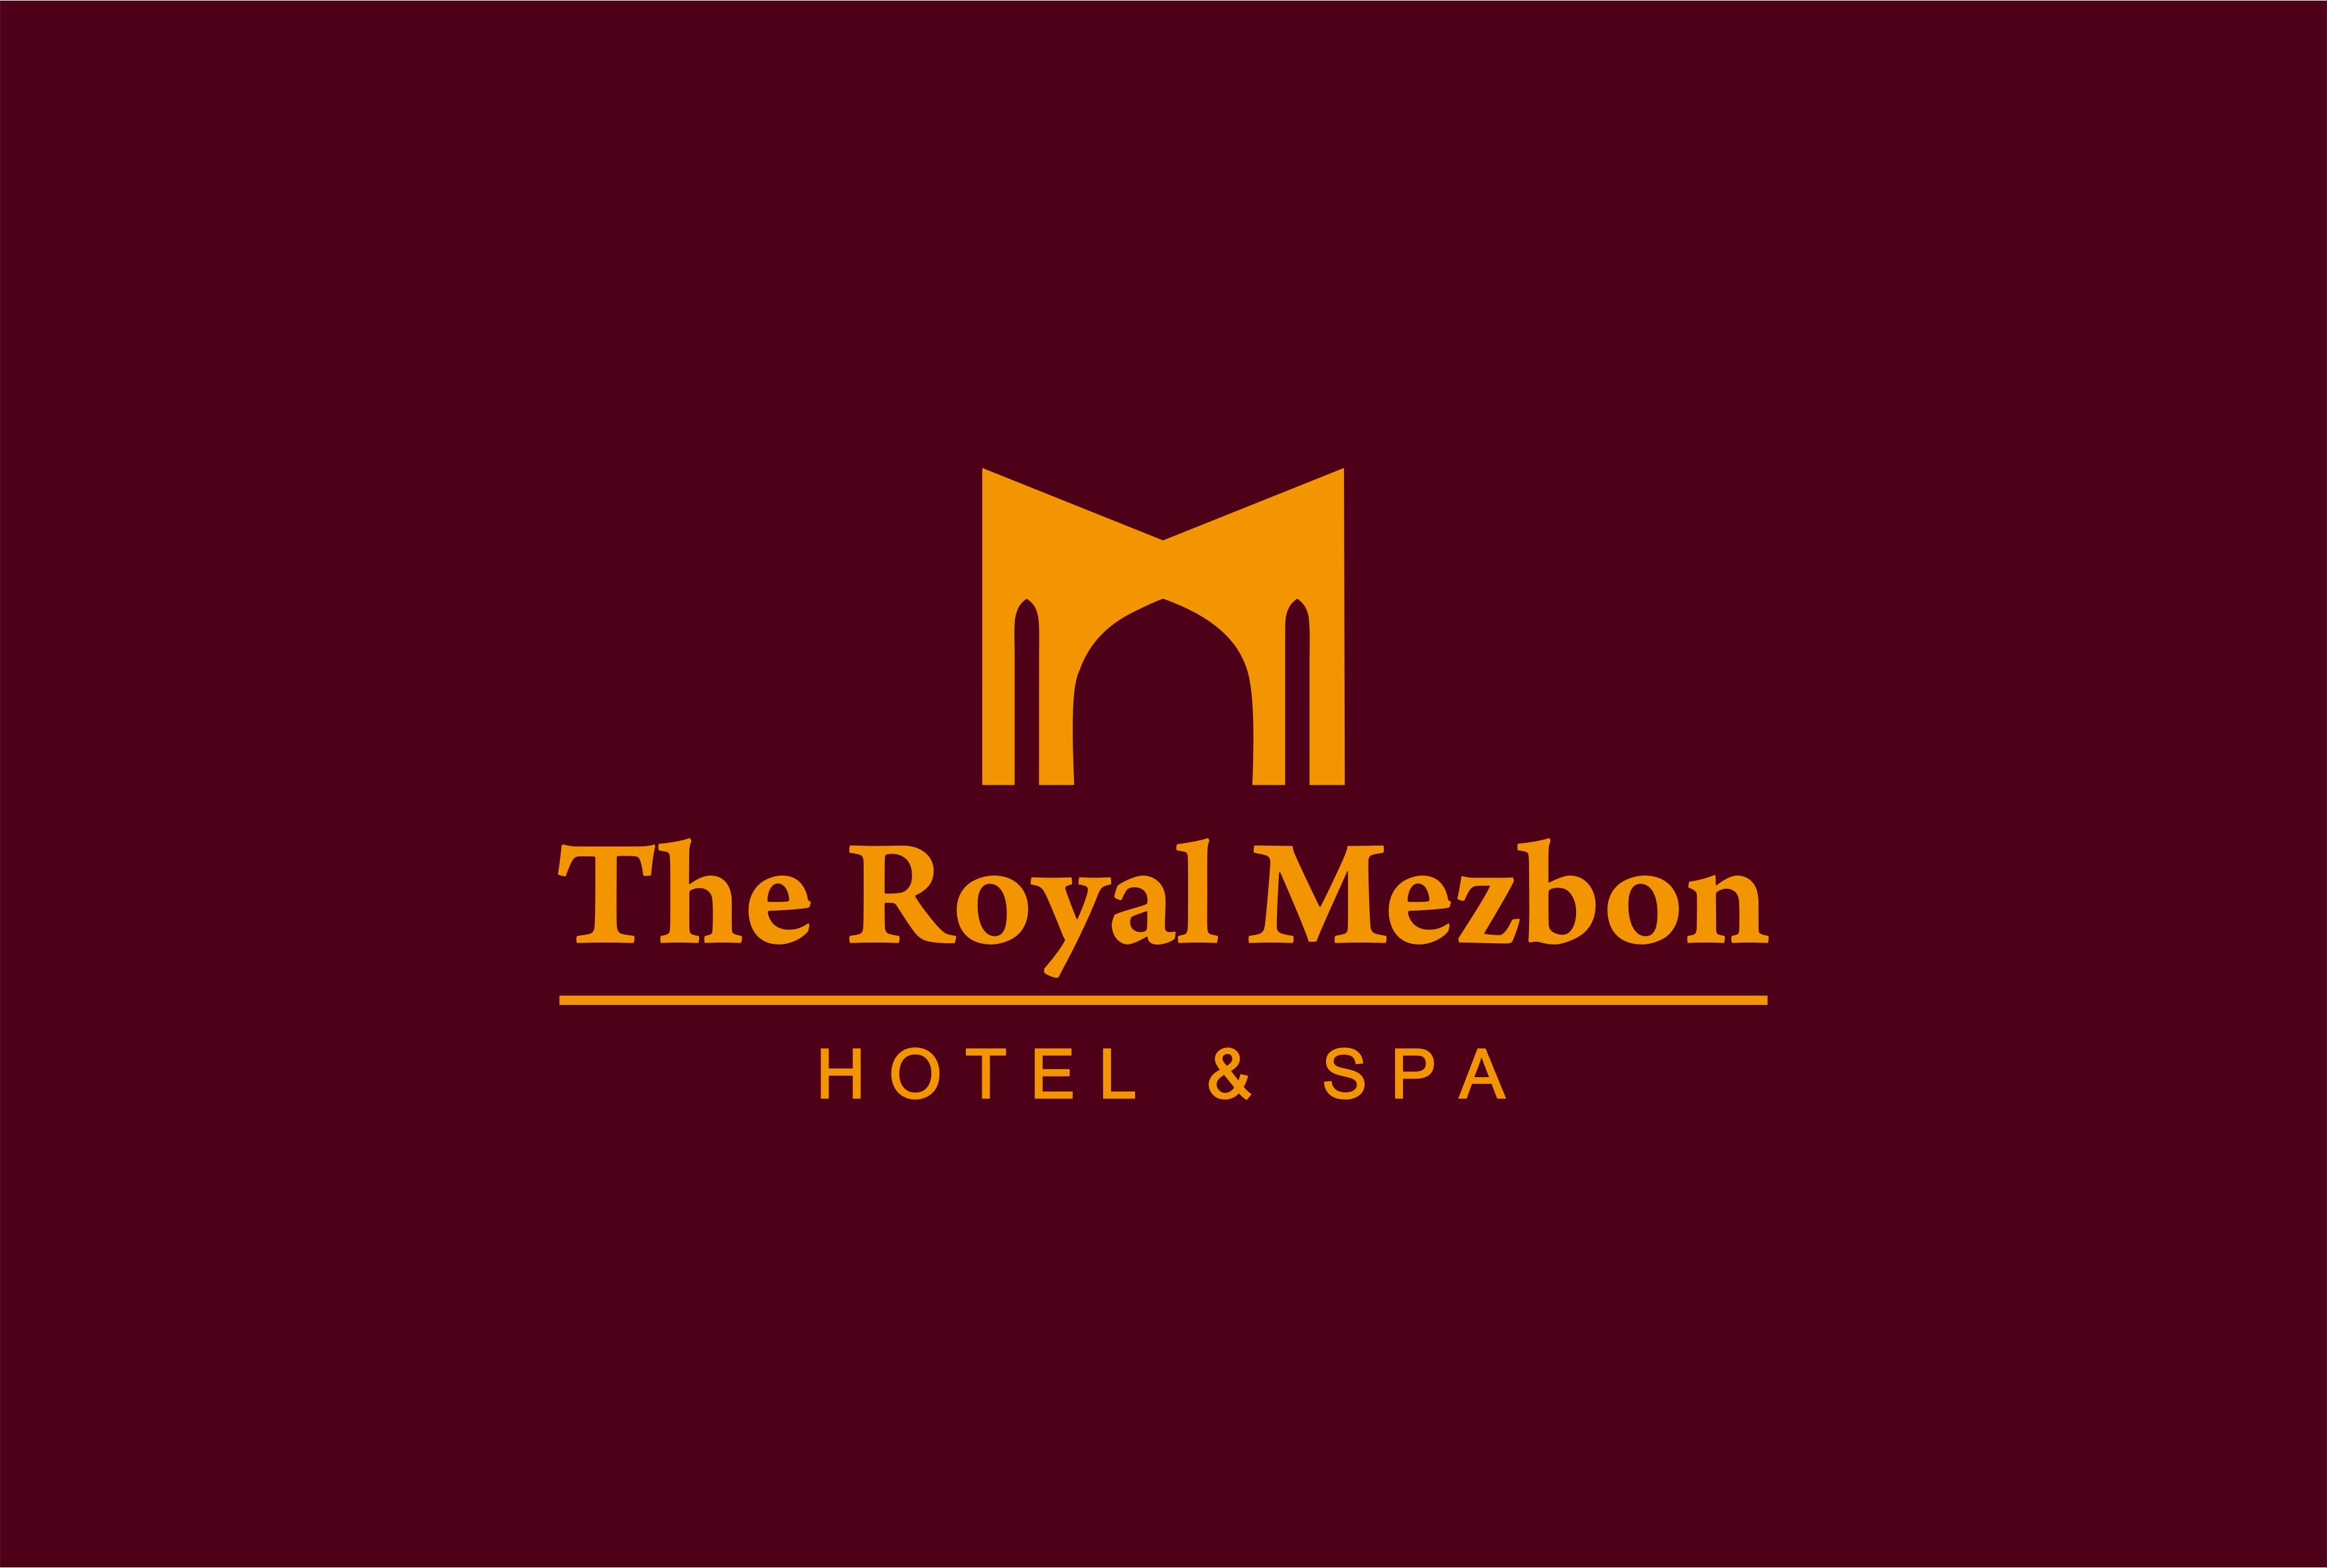 Логотип и фирменный стиль для гостиницы THE ROYAL MEZBON